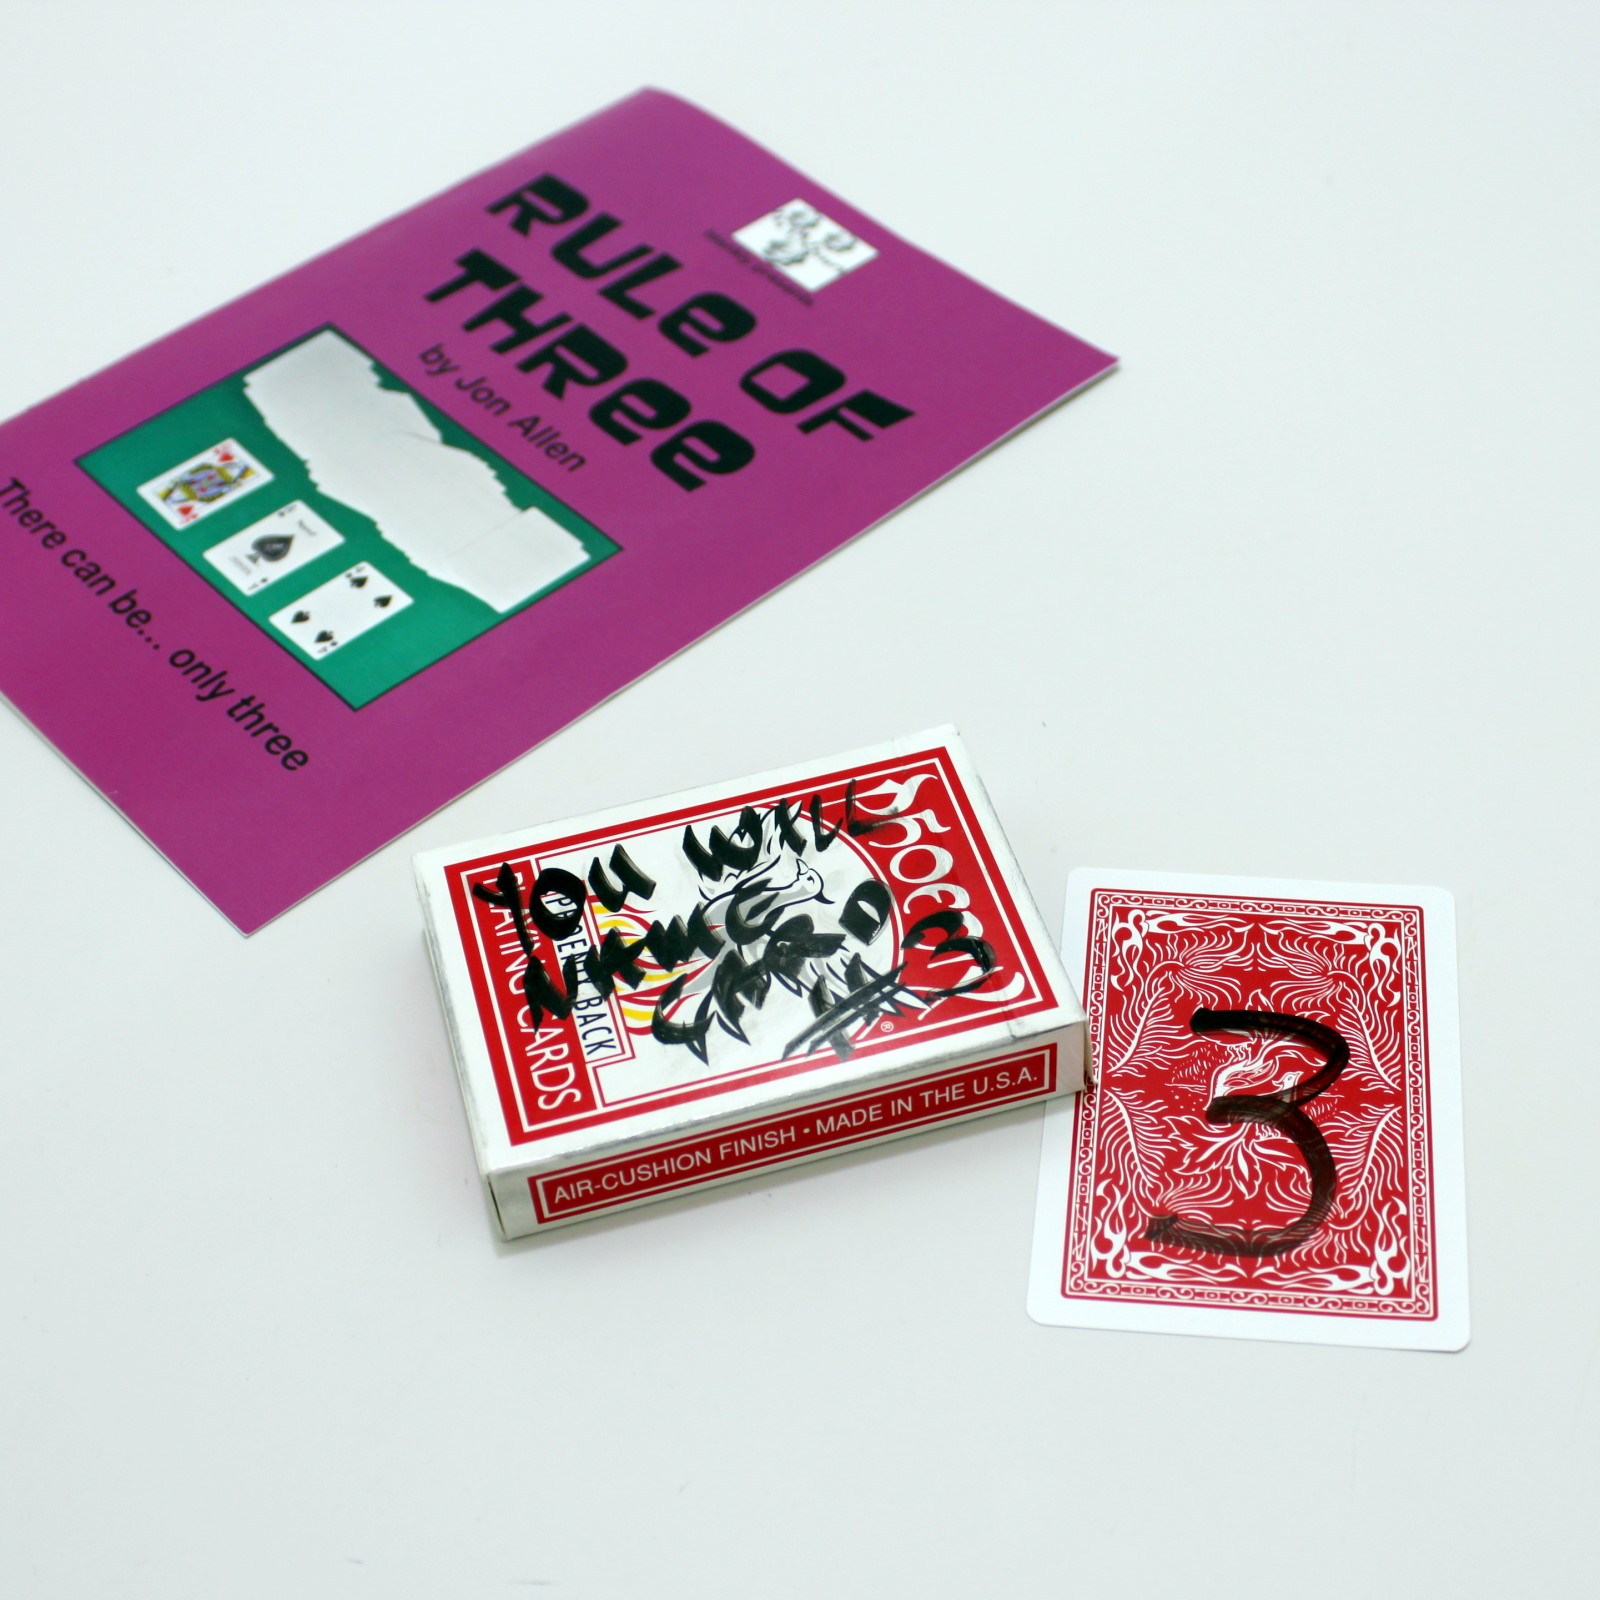 Rule of Three by Jon Alen